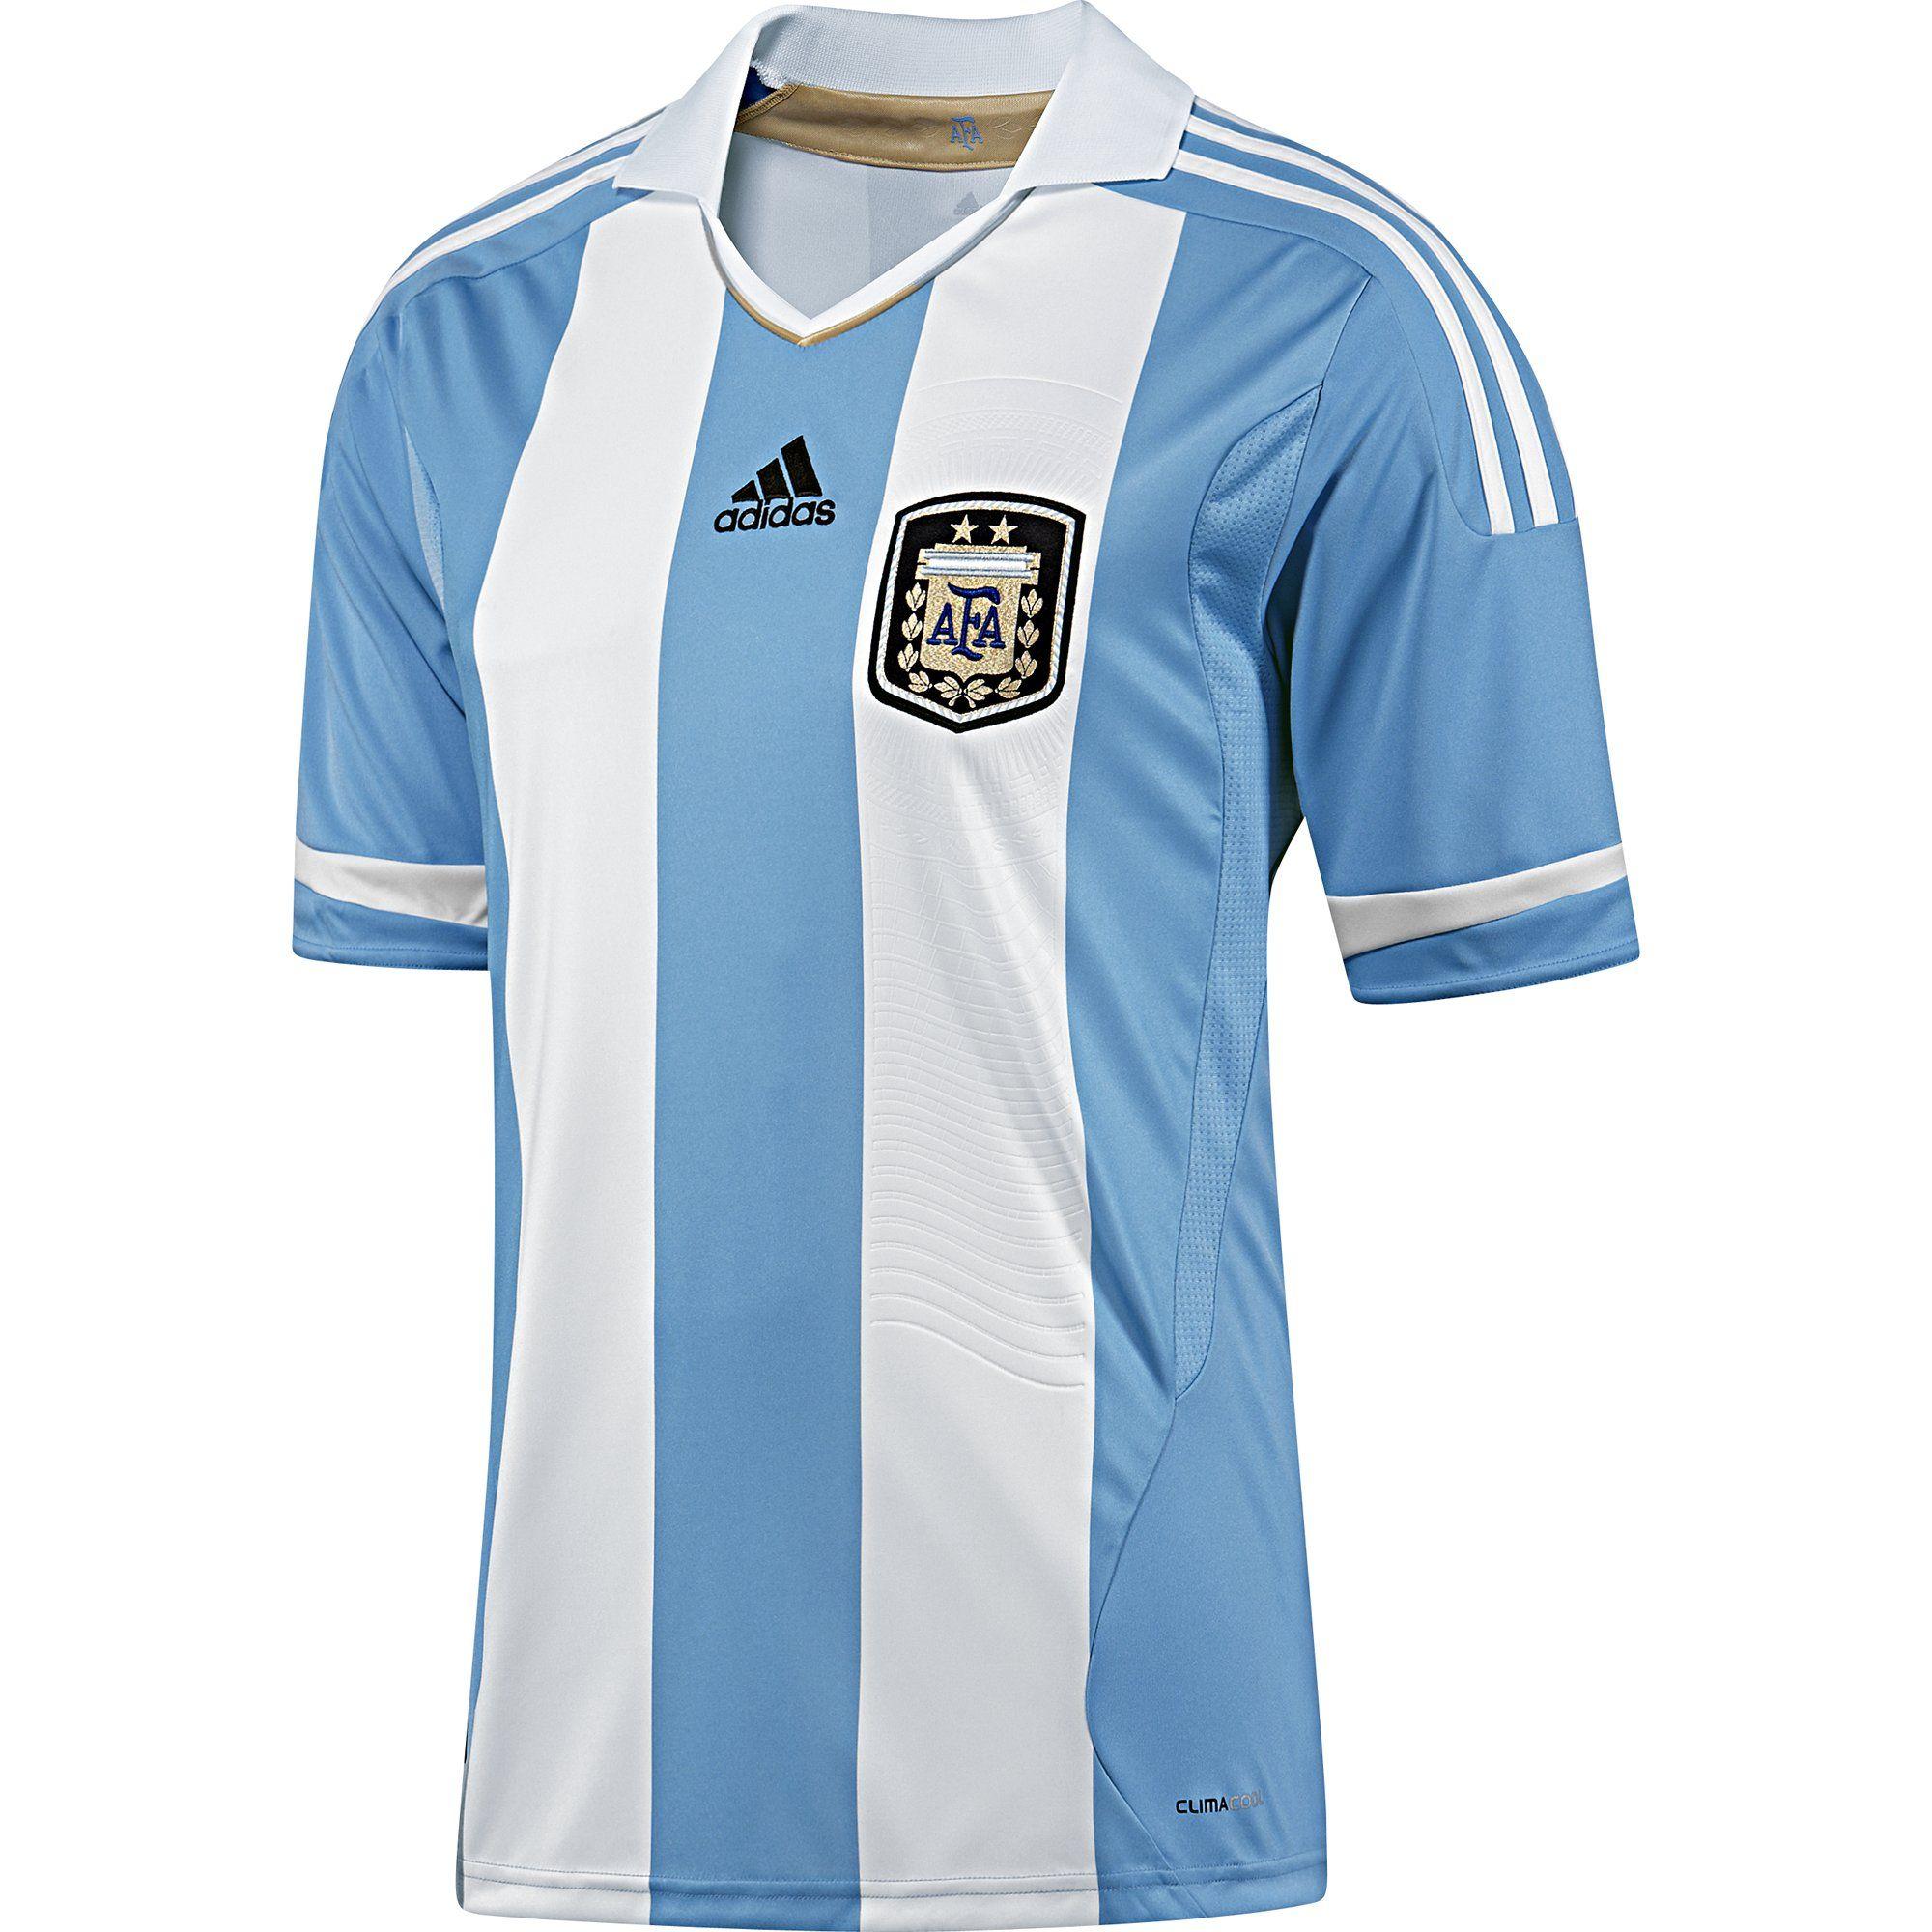 fa629d841b Argentina (Asociación del Fútbol Argentino) - 2011 Copa América Adidas Home  Shirt